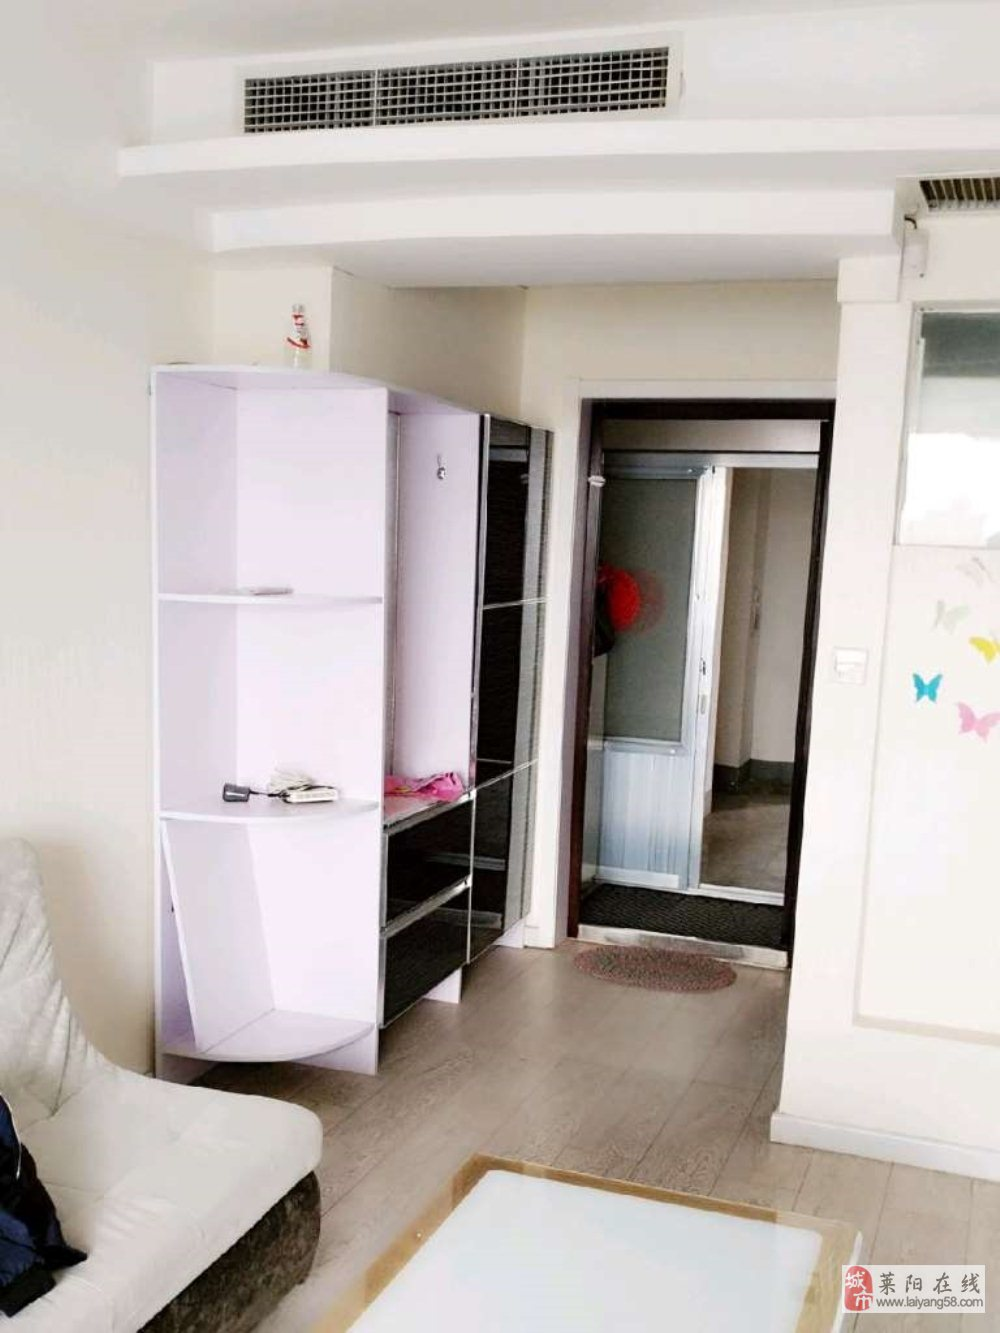 文峰片,阳光城,50平,精装小公寓,43万元